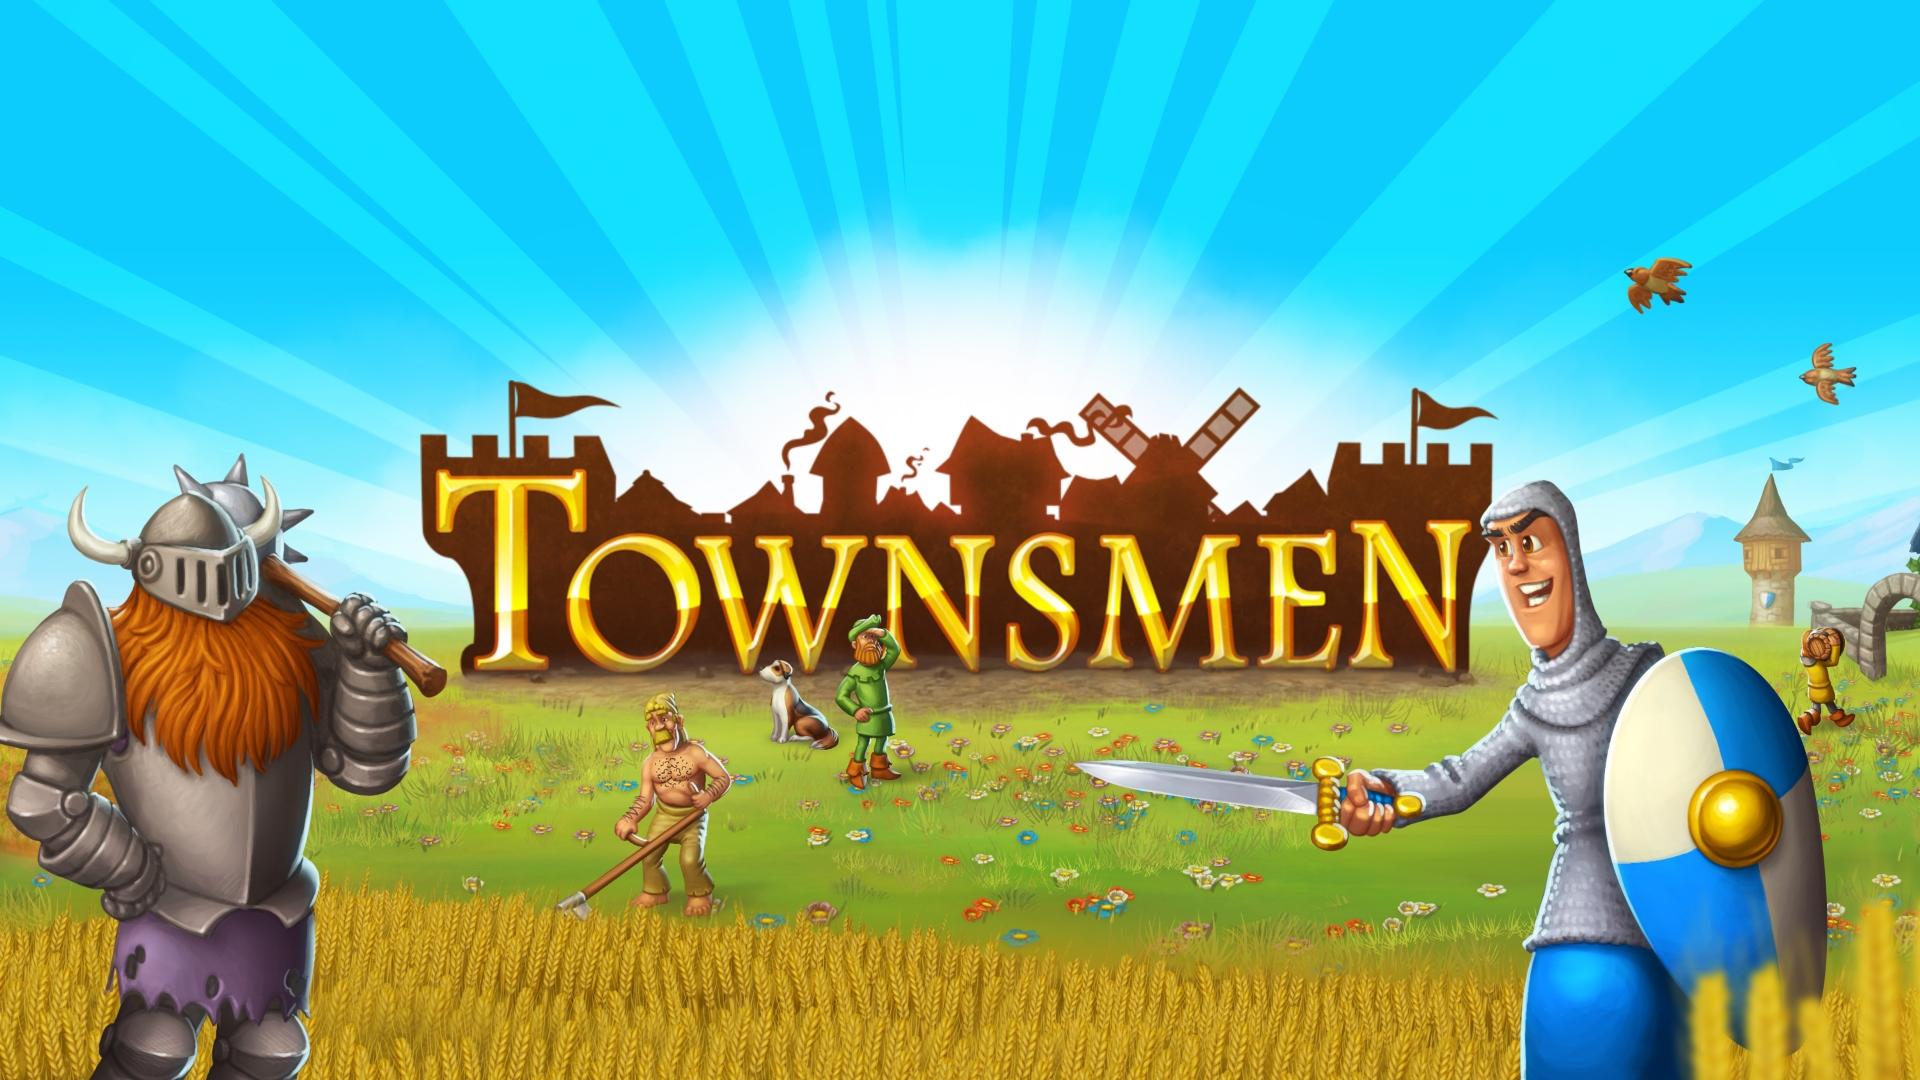 Townsmen_Coverart_1920x1080